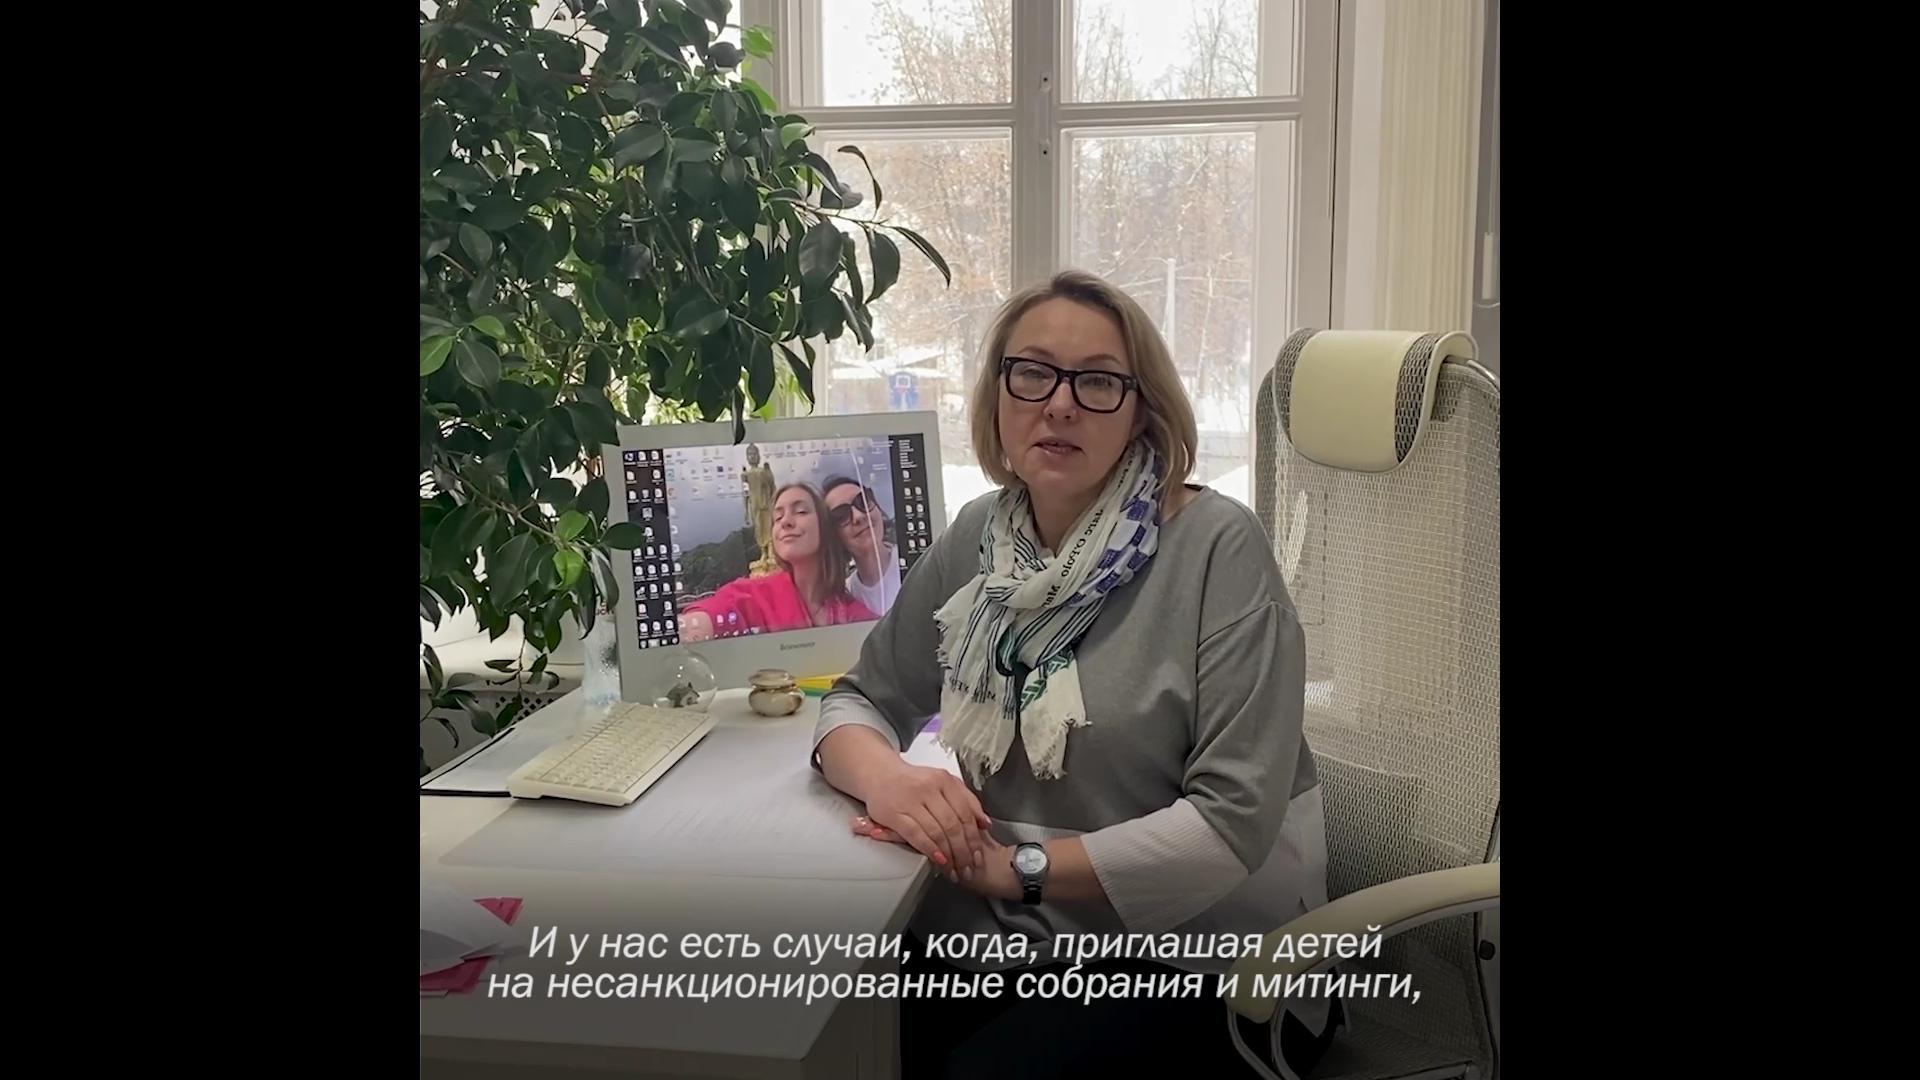 «Будьте рядом с детьми»: заместитель главврача Ярославской областной наркобольницы обратилась к родителям с просьбой